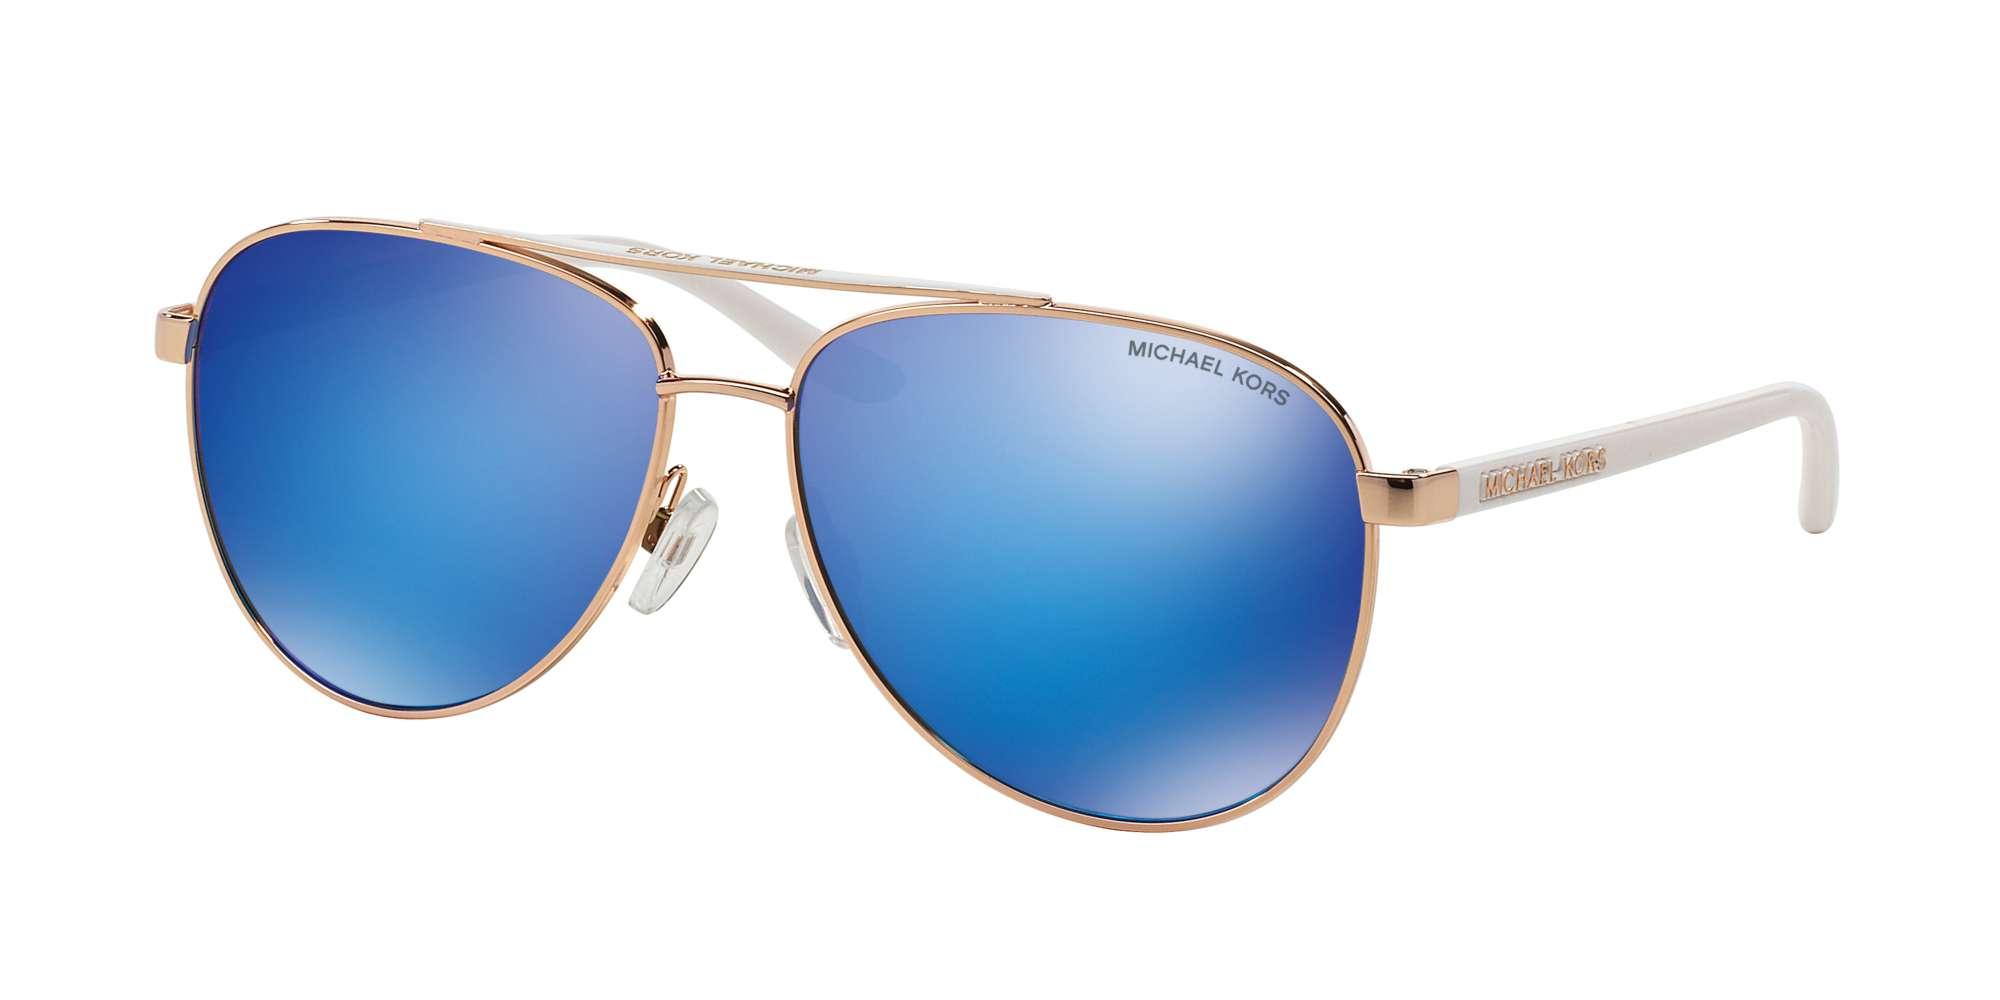 ROSE GOLD WHITE / BLUE MIRROR lenses